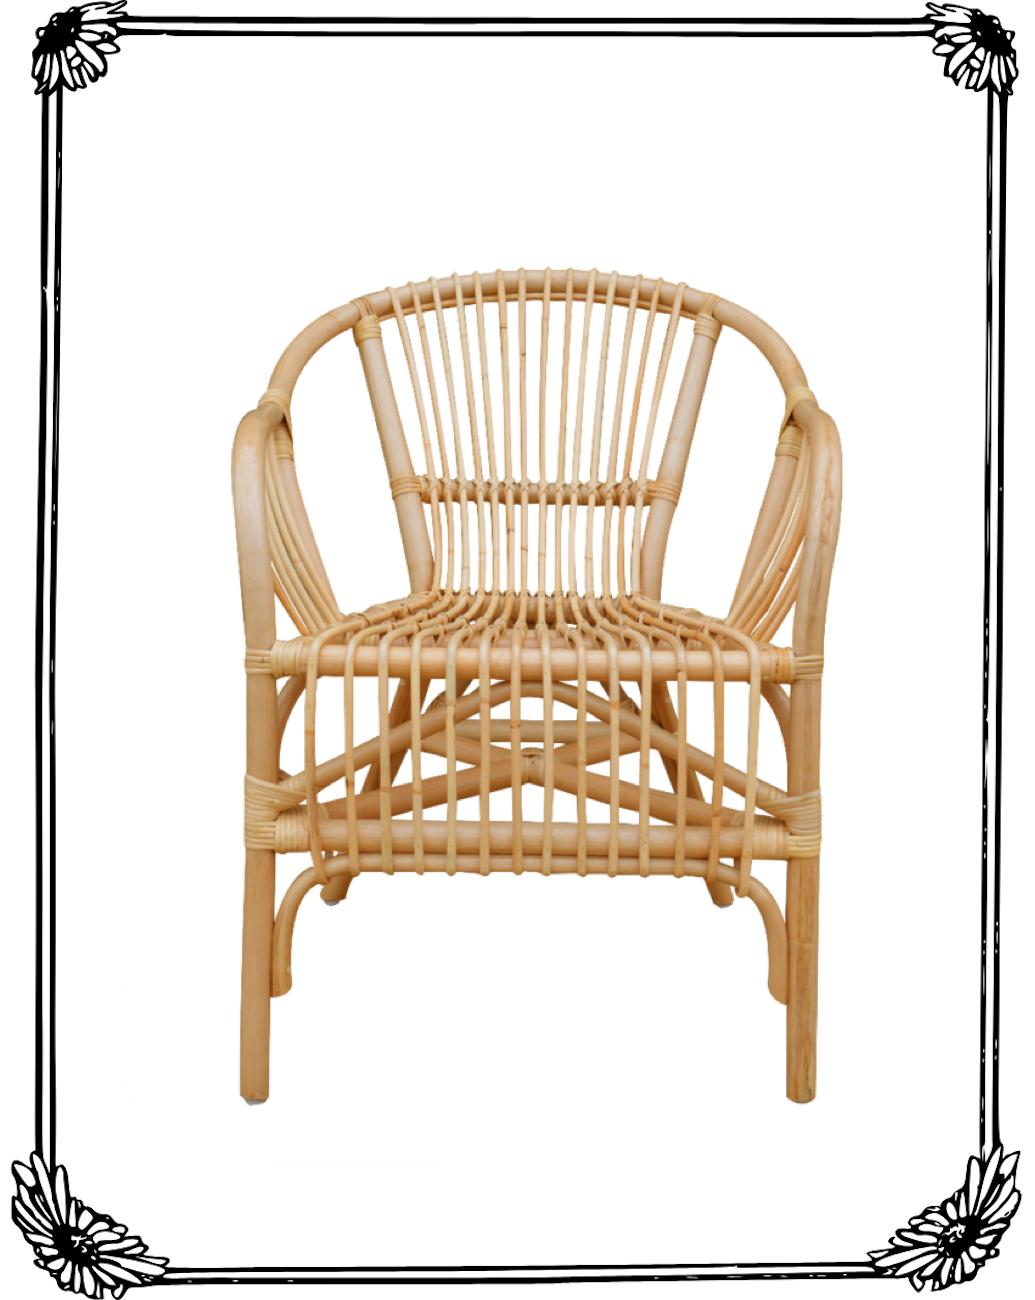 dassie-artisan-batari-chair.png